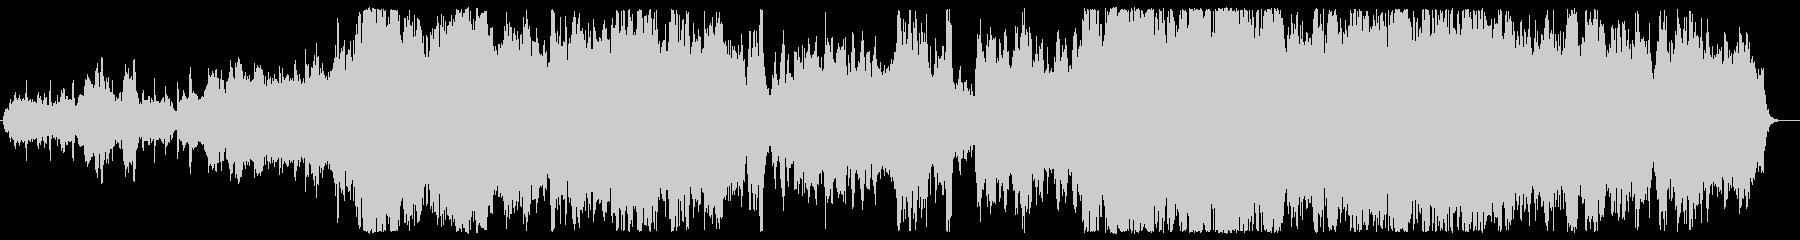 サスペンス感のある弦楽四重奏の未再生の波形